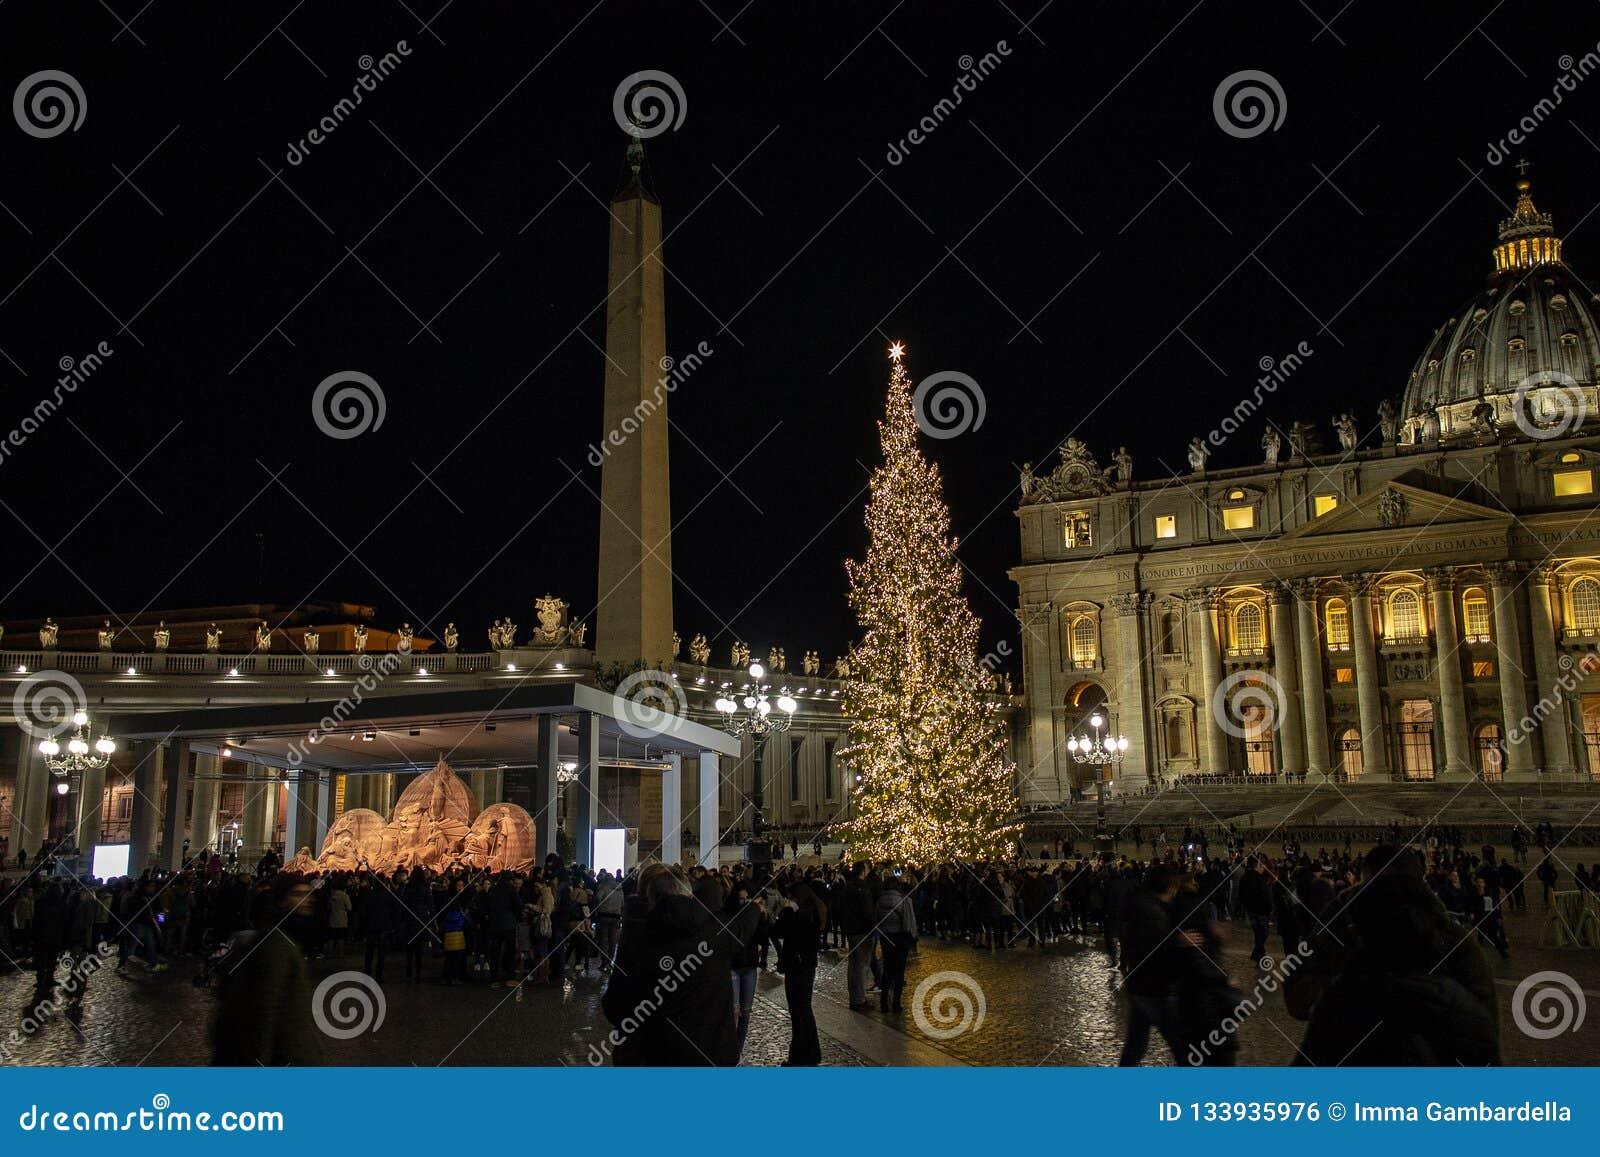 Аркада Сан Pietro, сцена рождества осуществила с песком Jesolo, и рождественской елкой украшенной с цвета золото светами